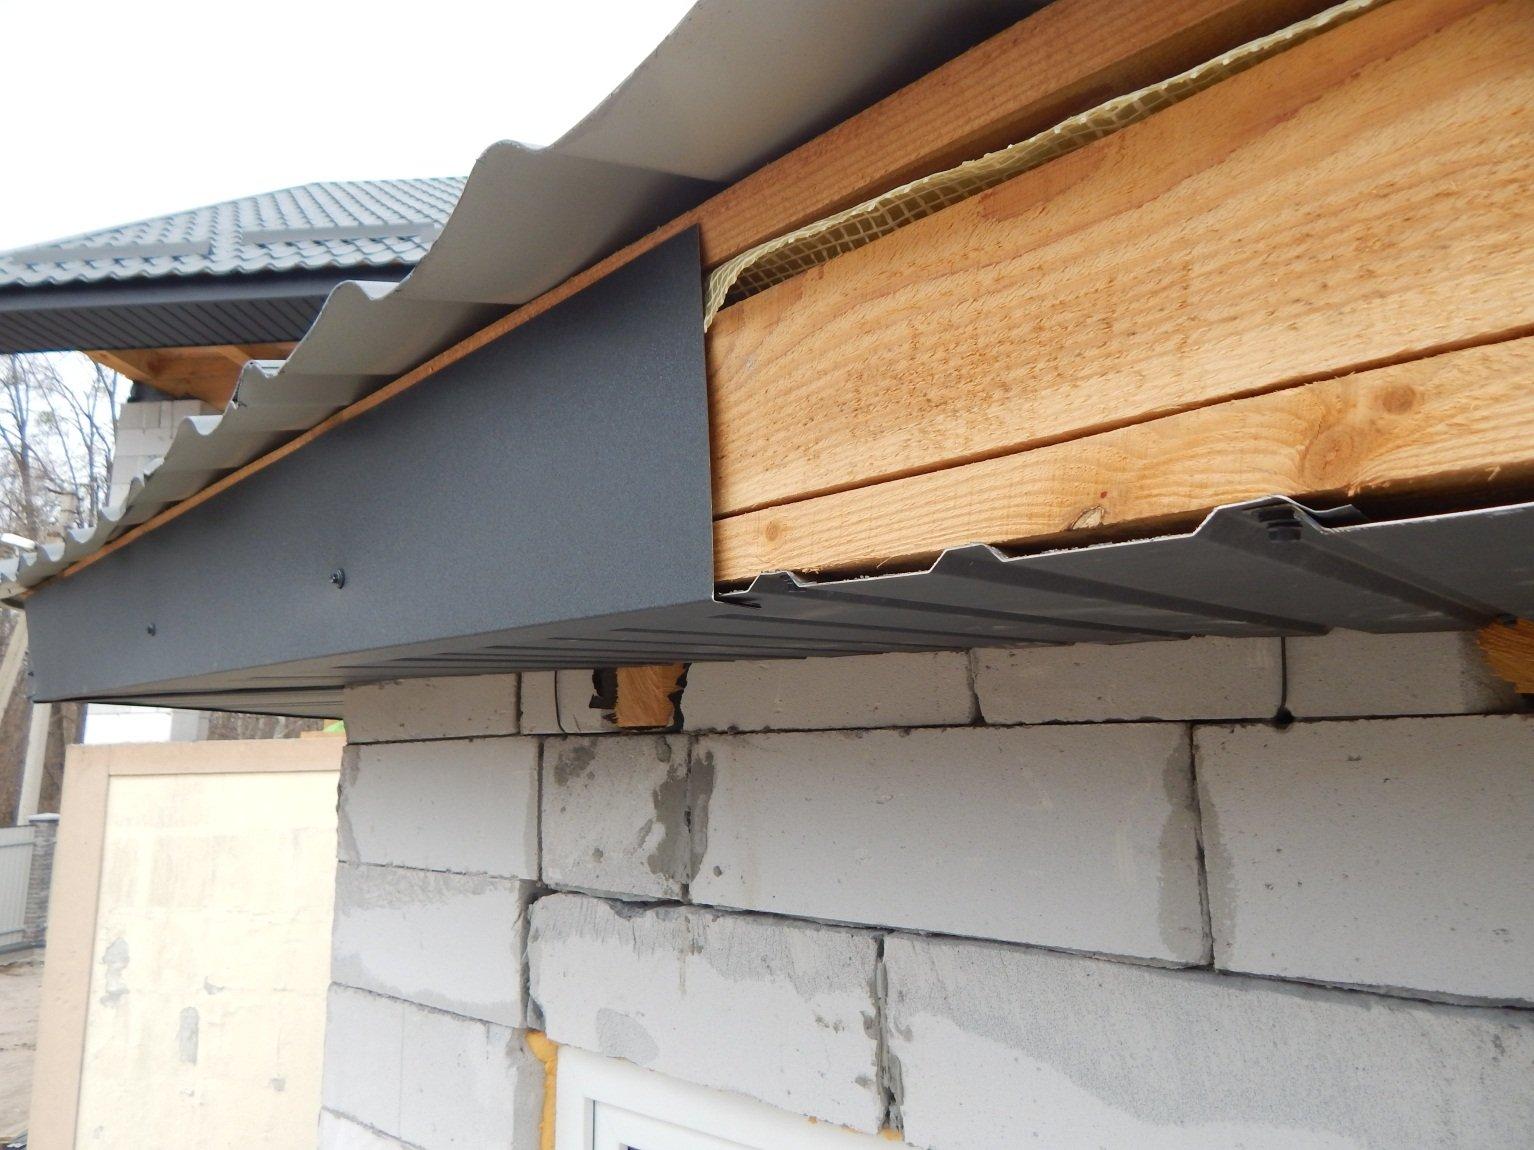 Подшивка карнизов крыши: инструкция, материалы, инструменты 93